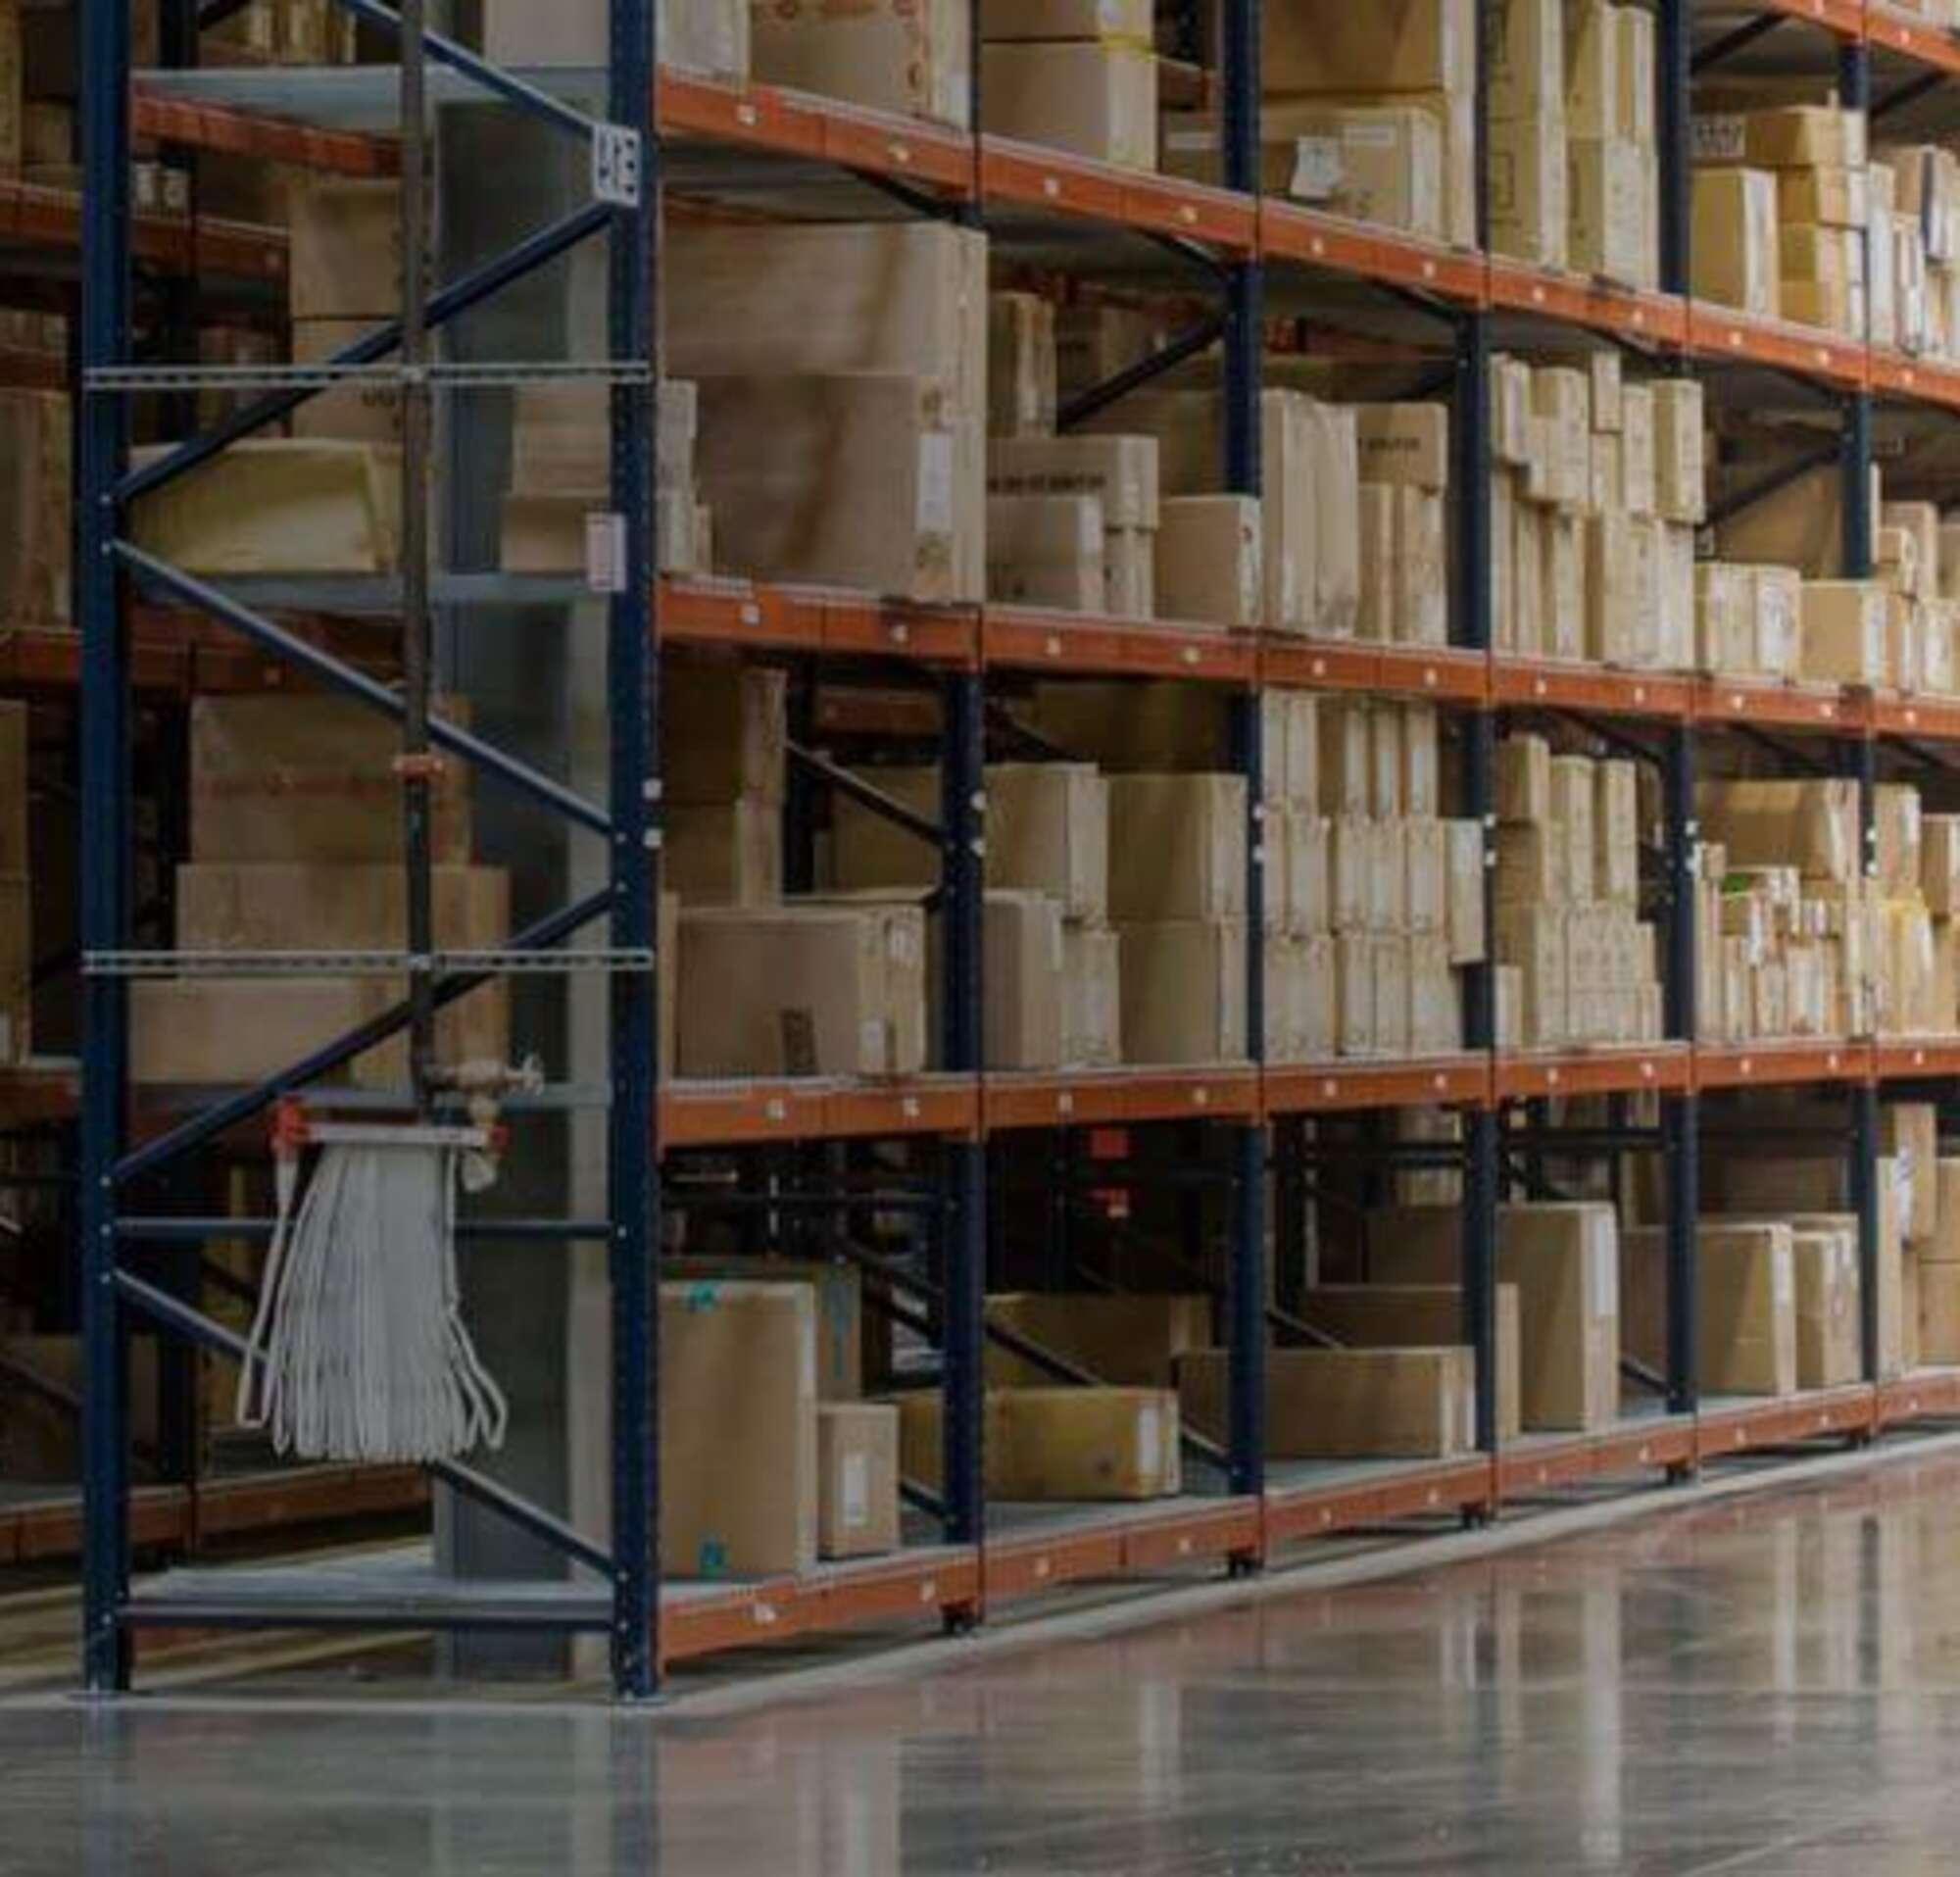 Deux personnes dans un entrepôt rempli de cartons